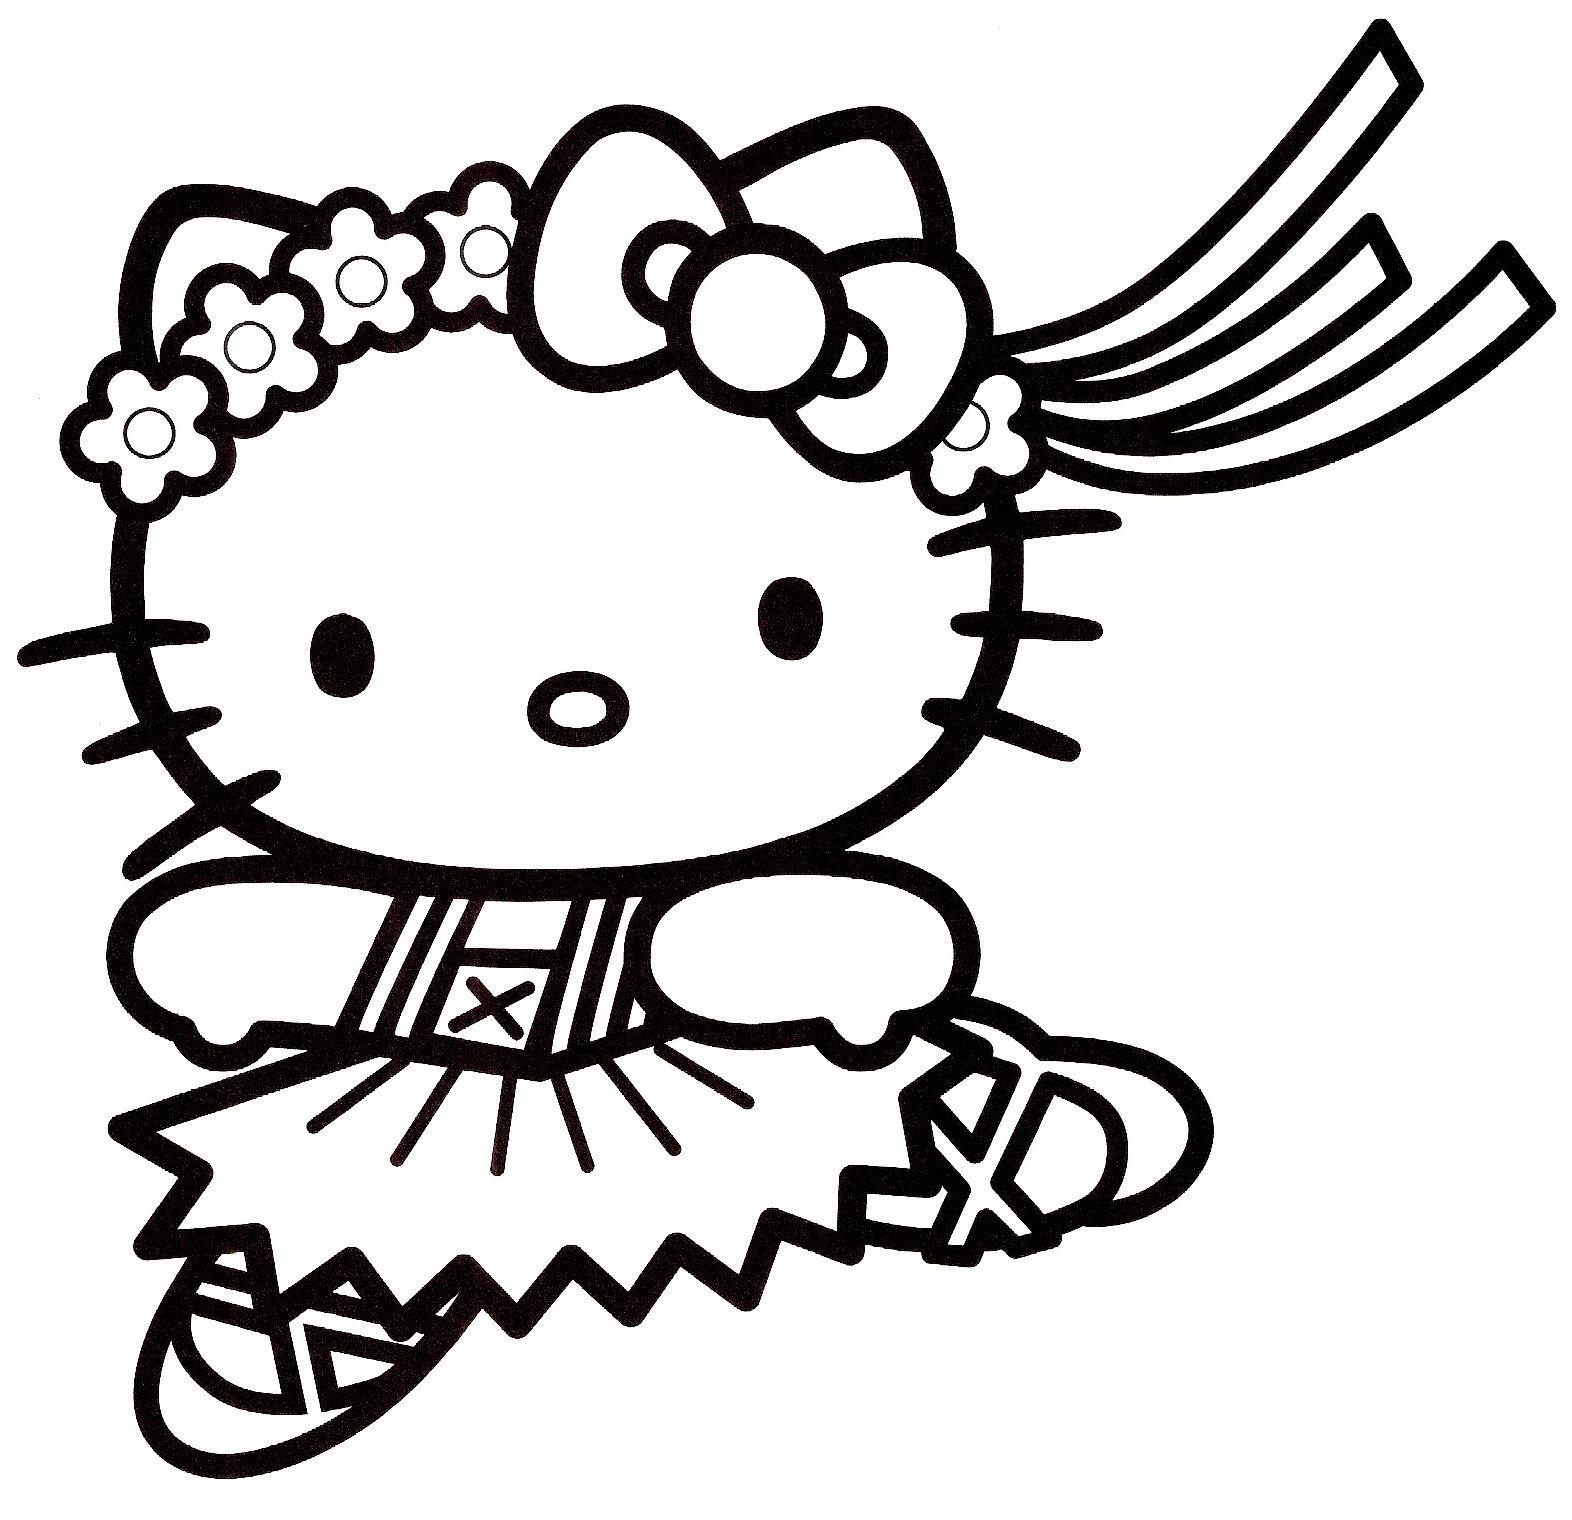 Coloriage hello kitty gratuit - dessin a imprimer #3